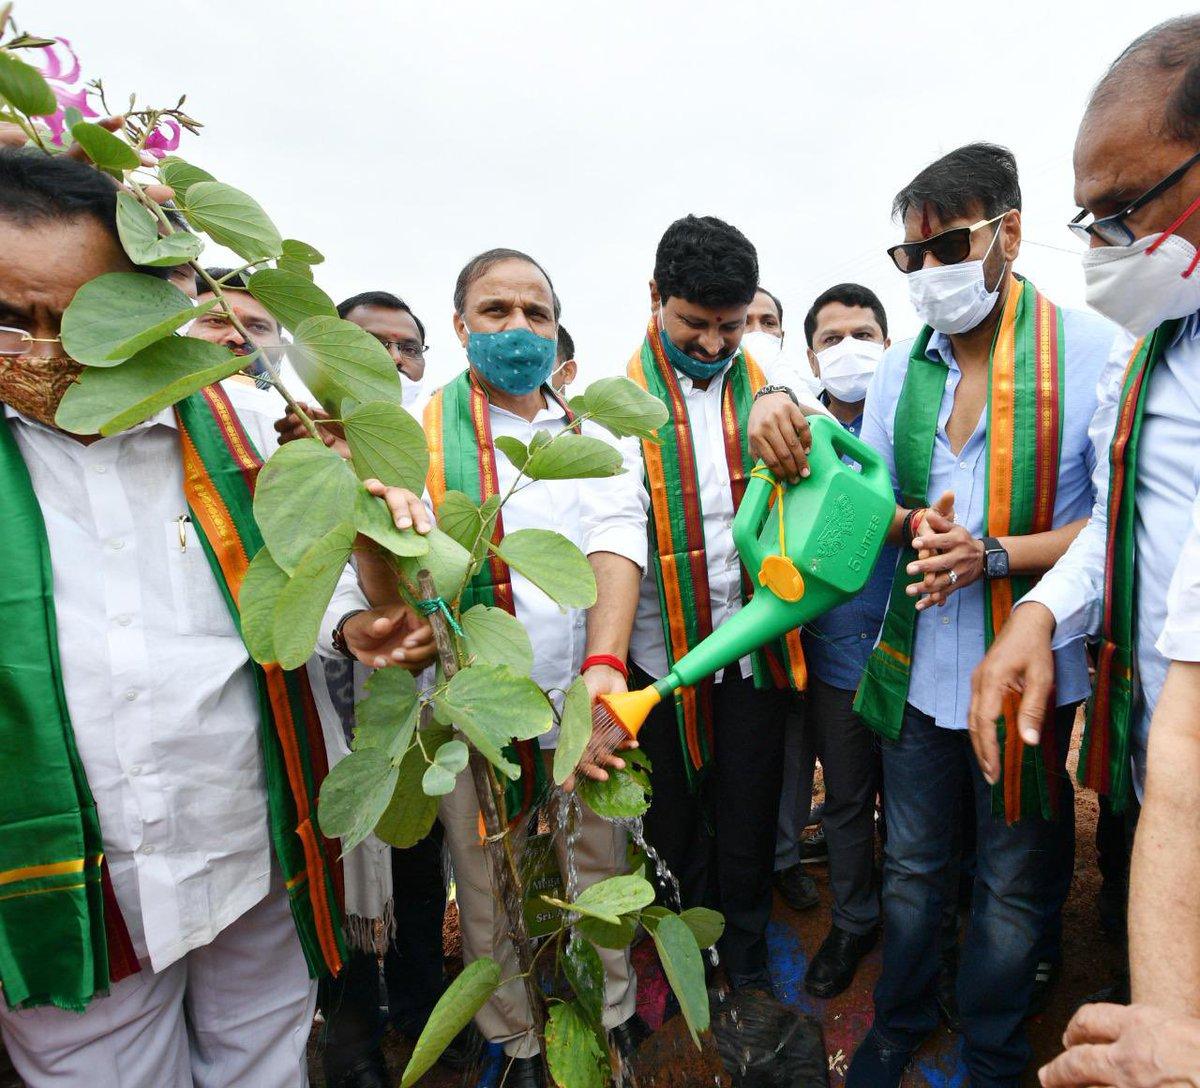 گرین انڈیاچیلنج۔اجئے دیوگن نے تلنگانہ کے گرین انڈسٹرئیل پارک میں پودا لگایا